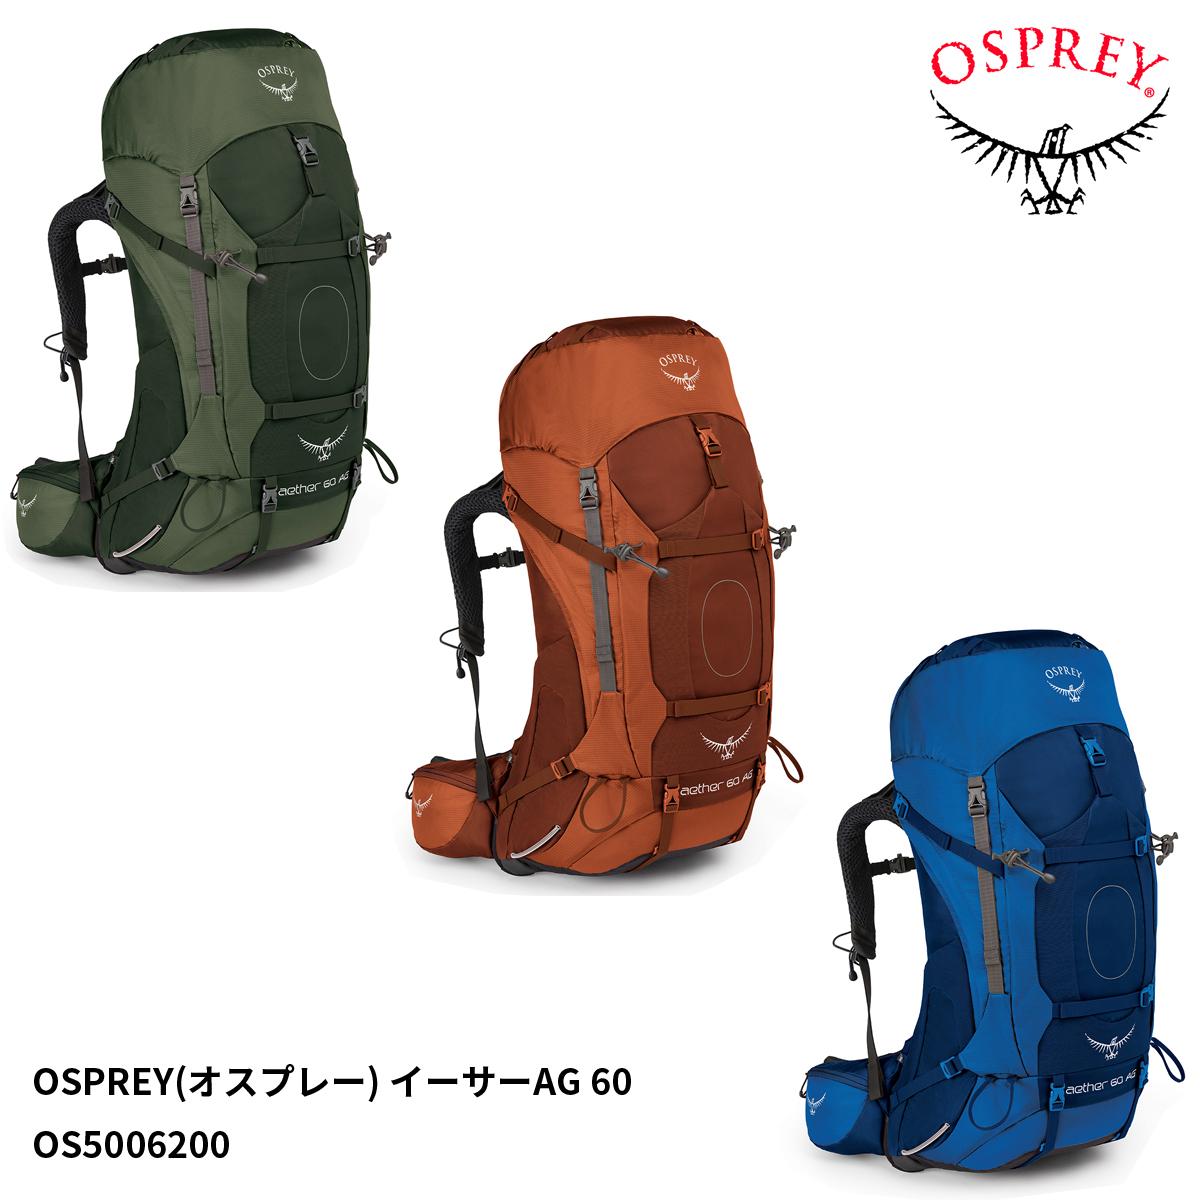 OSPREY(オスプレー)イーサーAG 60 OS5006200